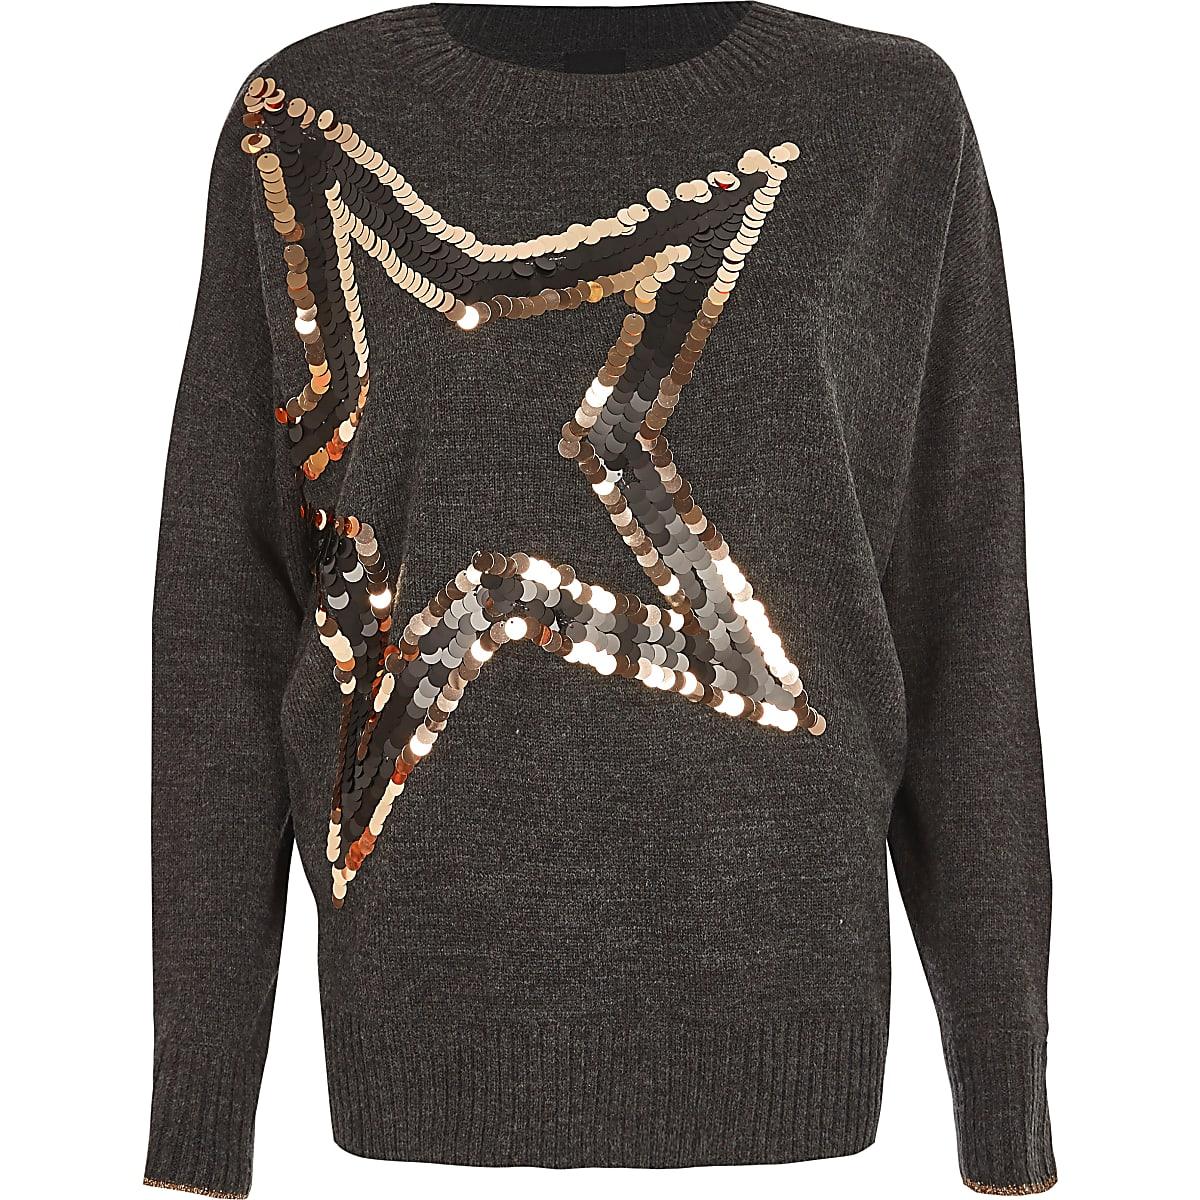 Dark grey metallic sequin star sweater